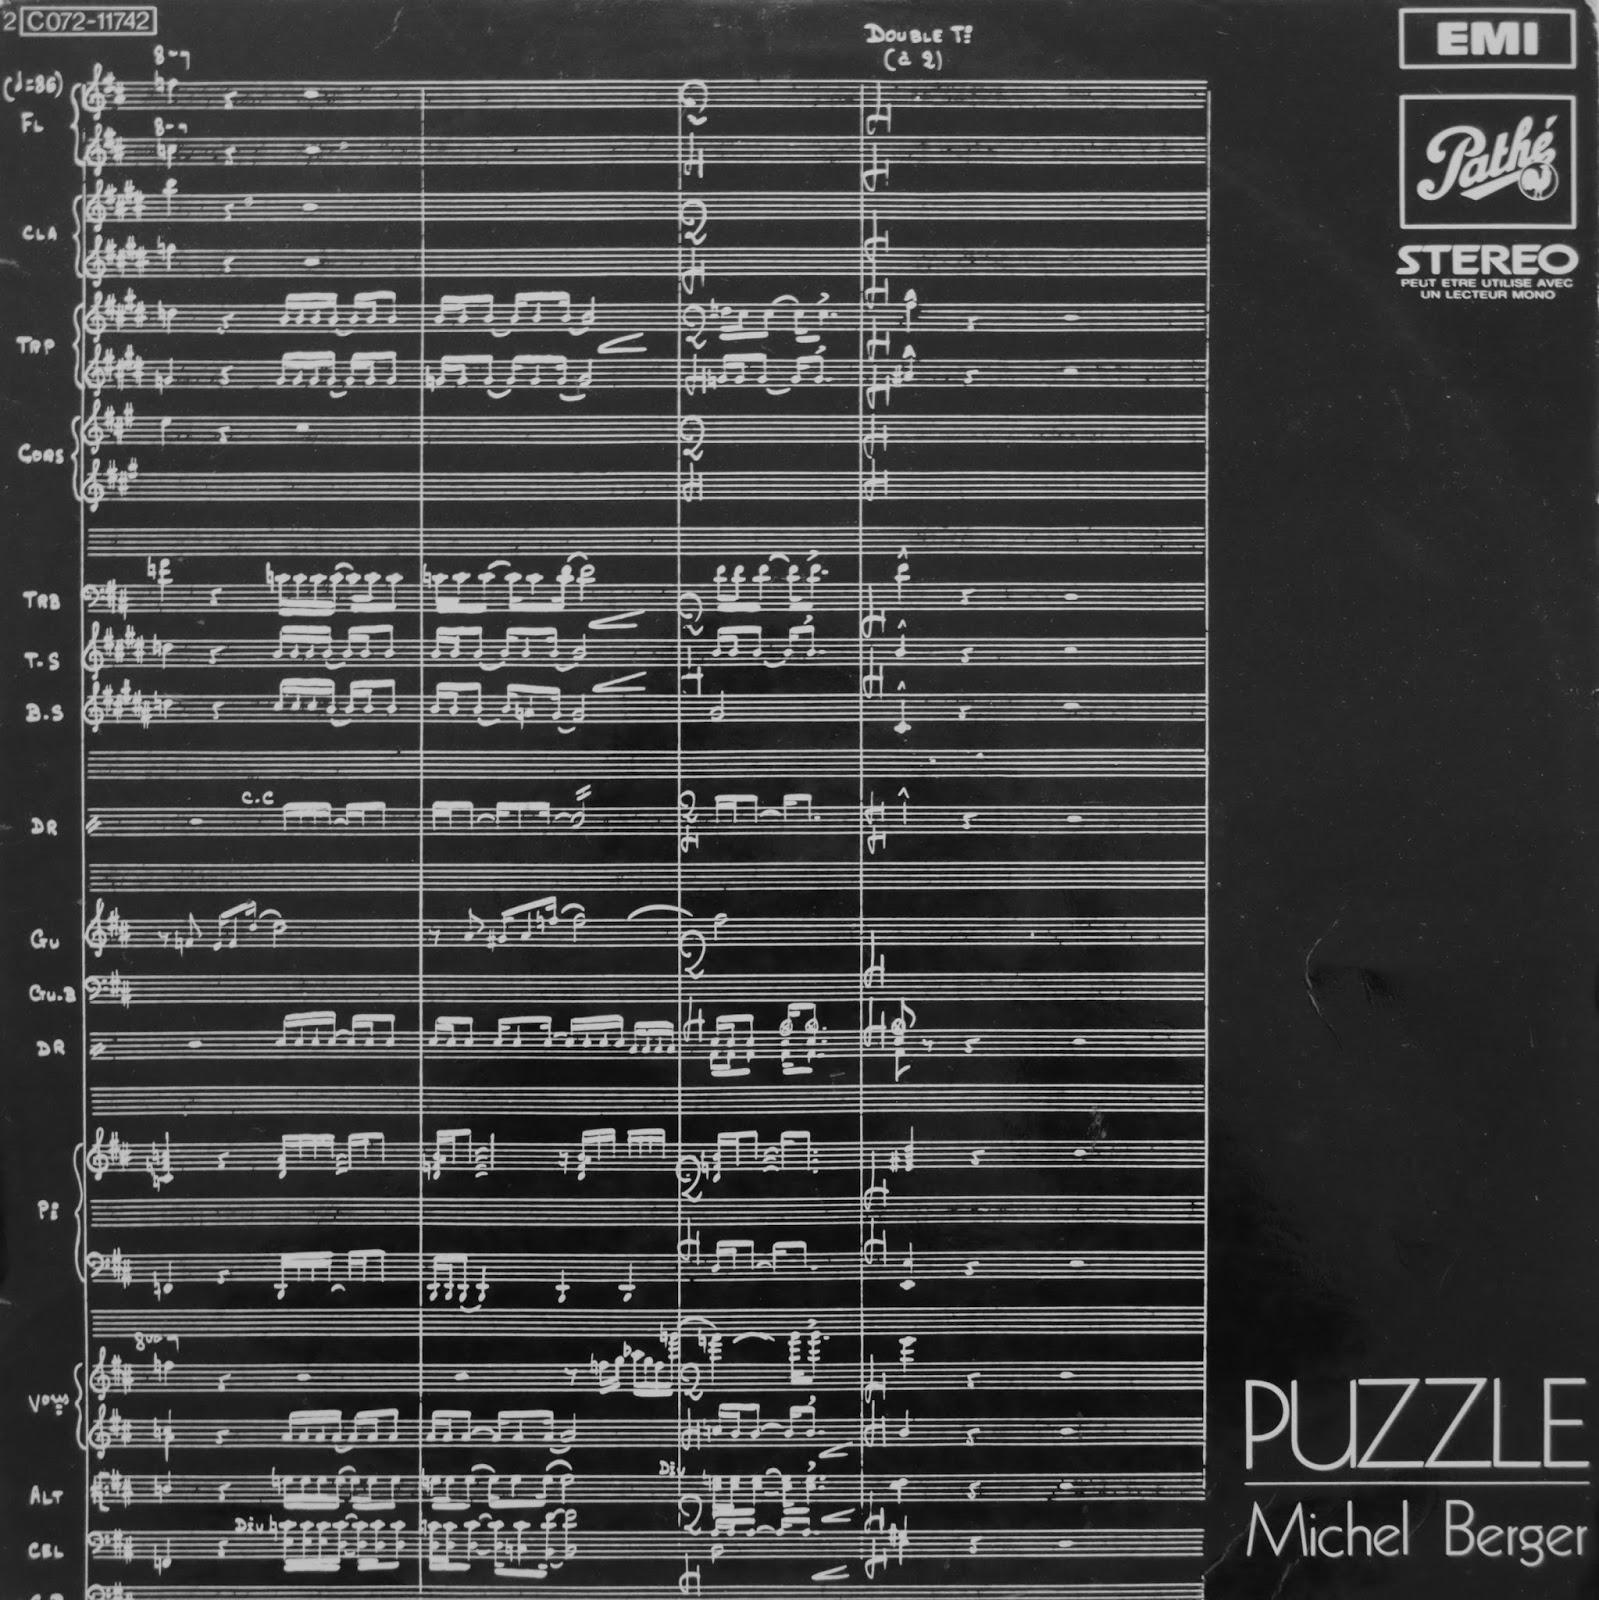 Funkyflex Records Michel Berger Puzzle 3e Mouvement 1971 Group Series Alor Part 1 17 22 Agustus 2018 En Aprs Quelques Singles Enregistrs Et Pas Vendus Alors Directeur Artistique A Des Envies De Grandeur